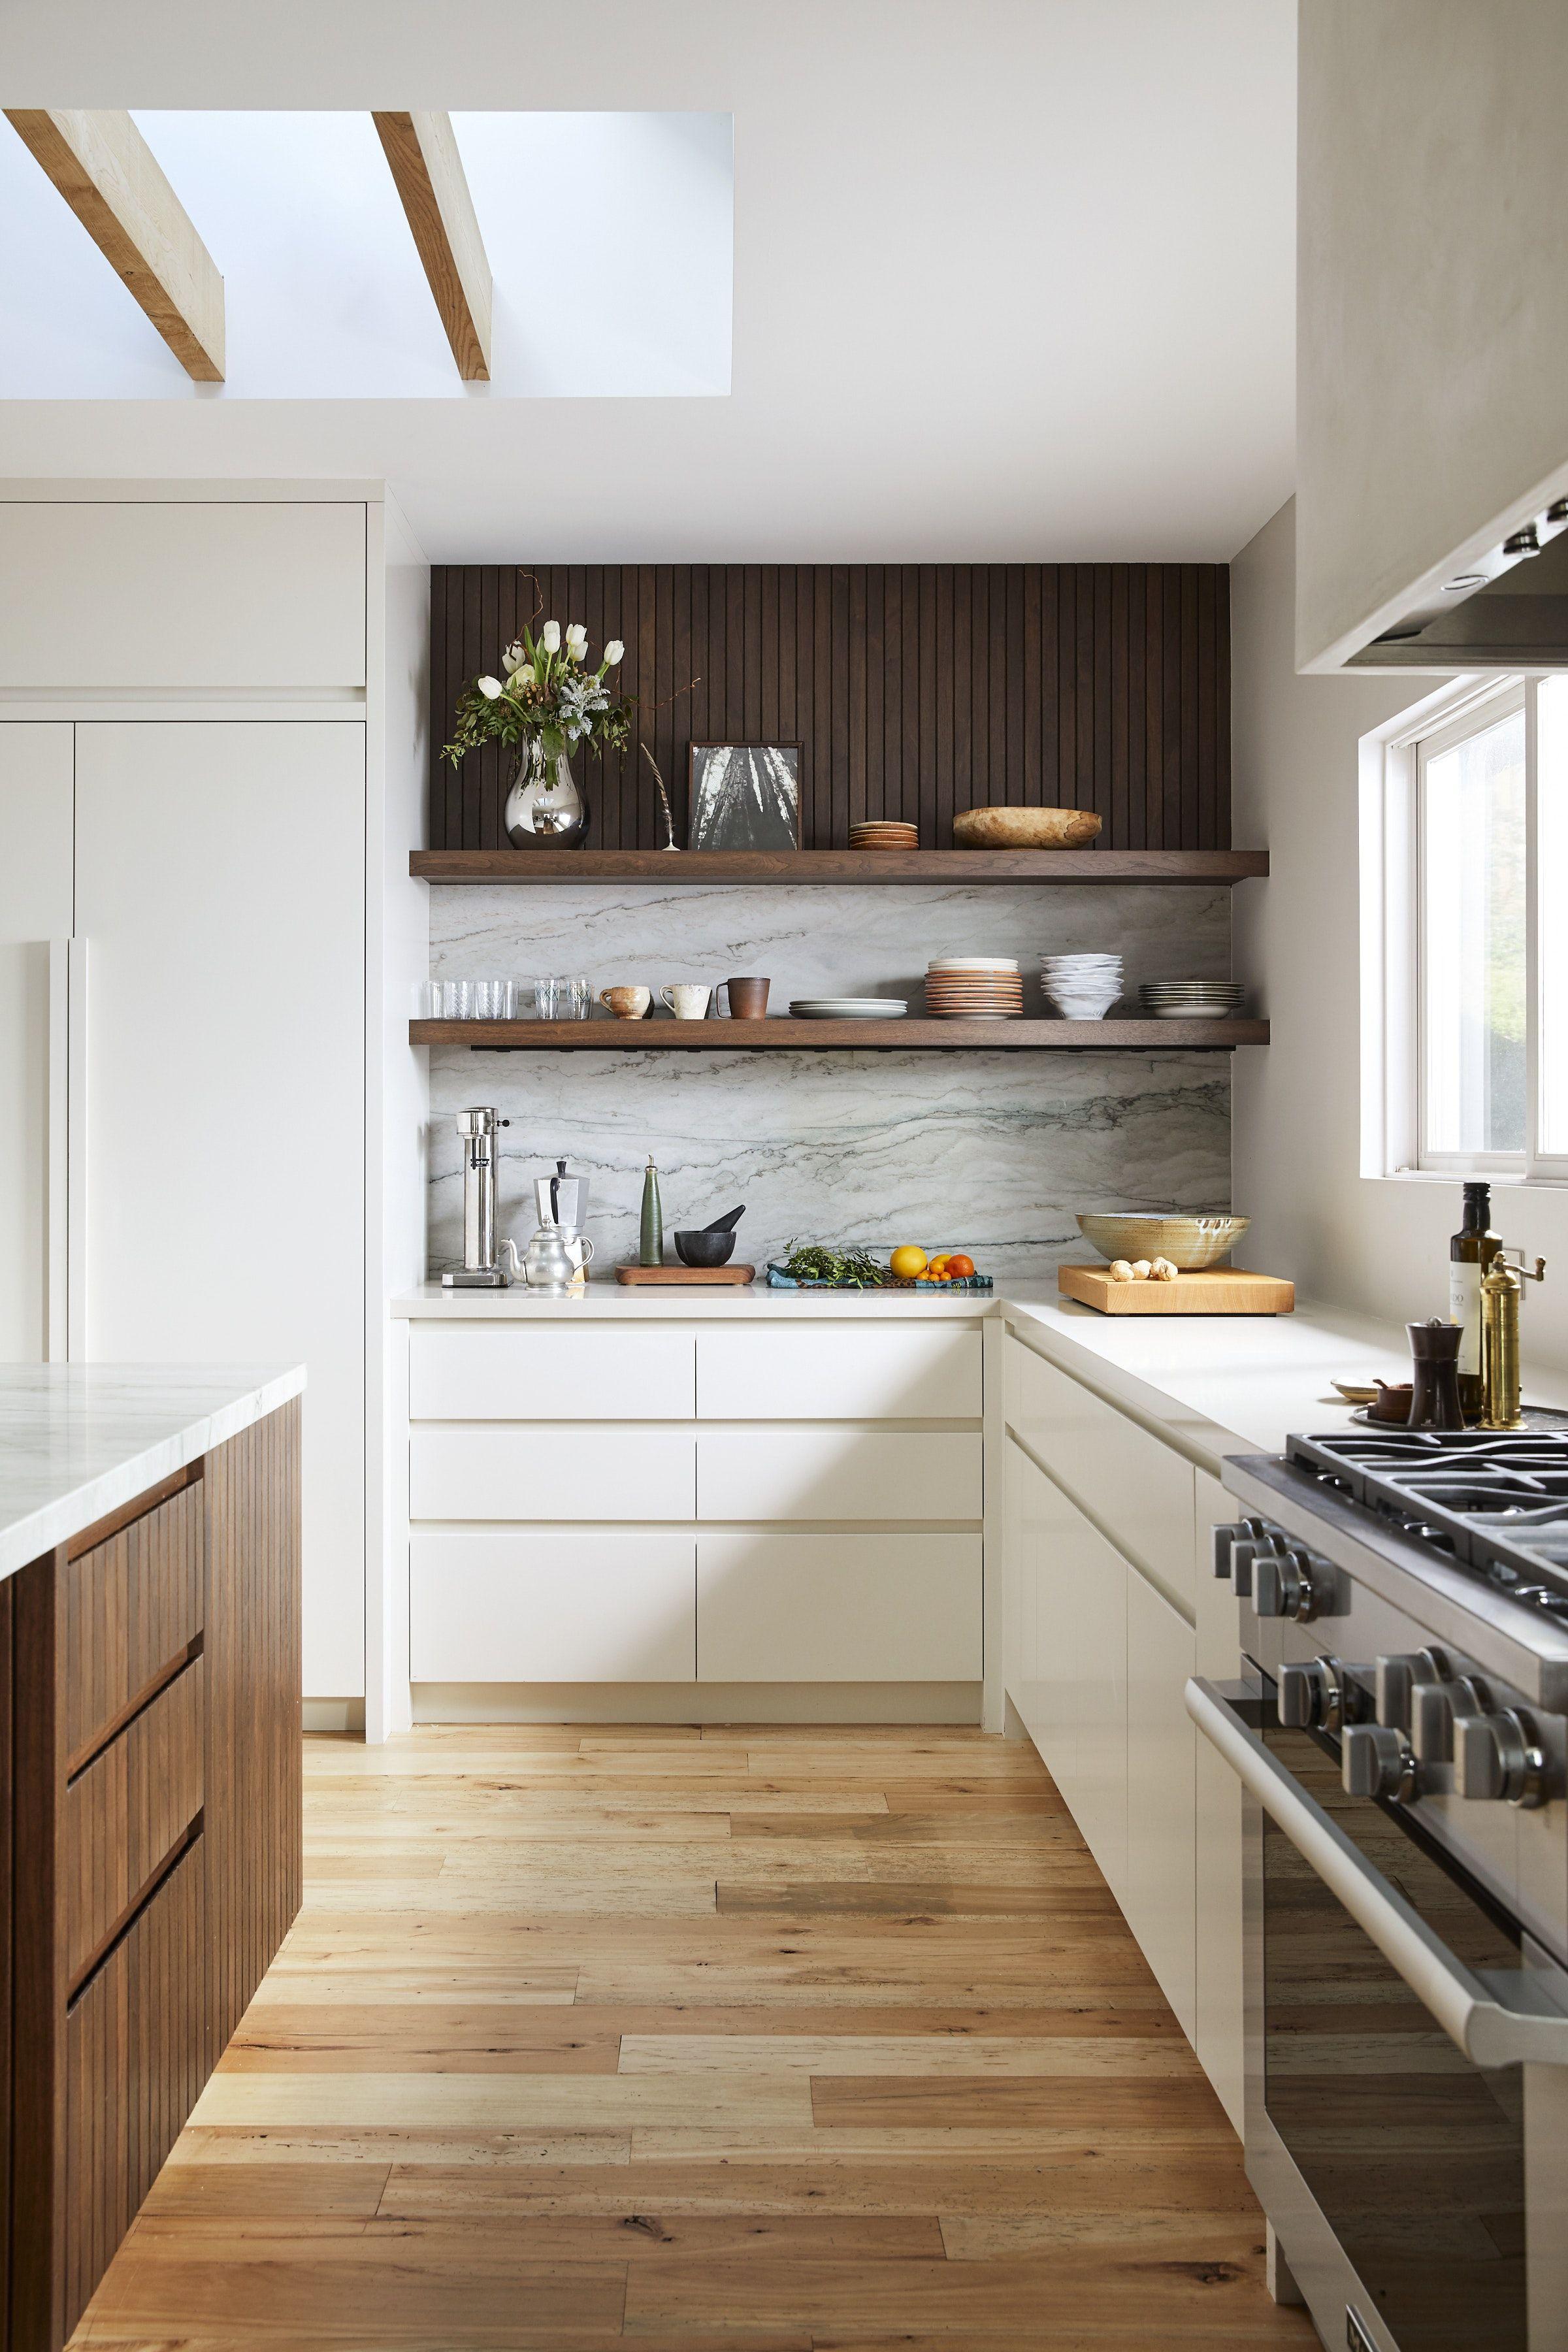 Mill Valley Scandinavian Modern Open Kitchen With Skylight Open Shelving By Bk Interior Kitchen Design Open White Contemporary Kitchen Modern Kitchen Design